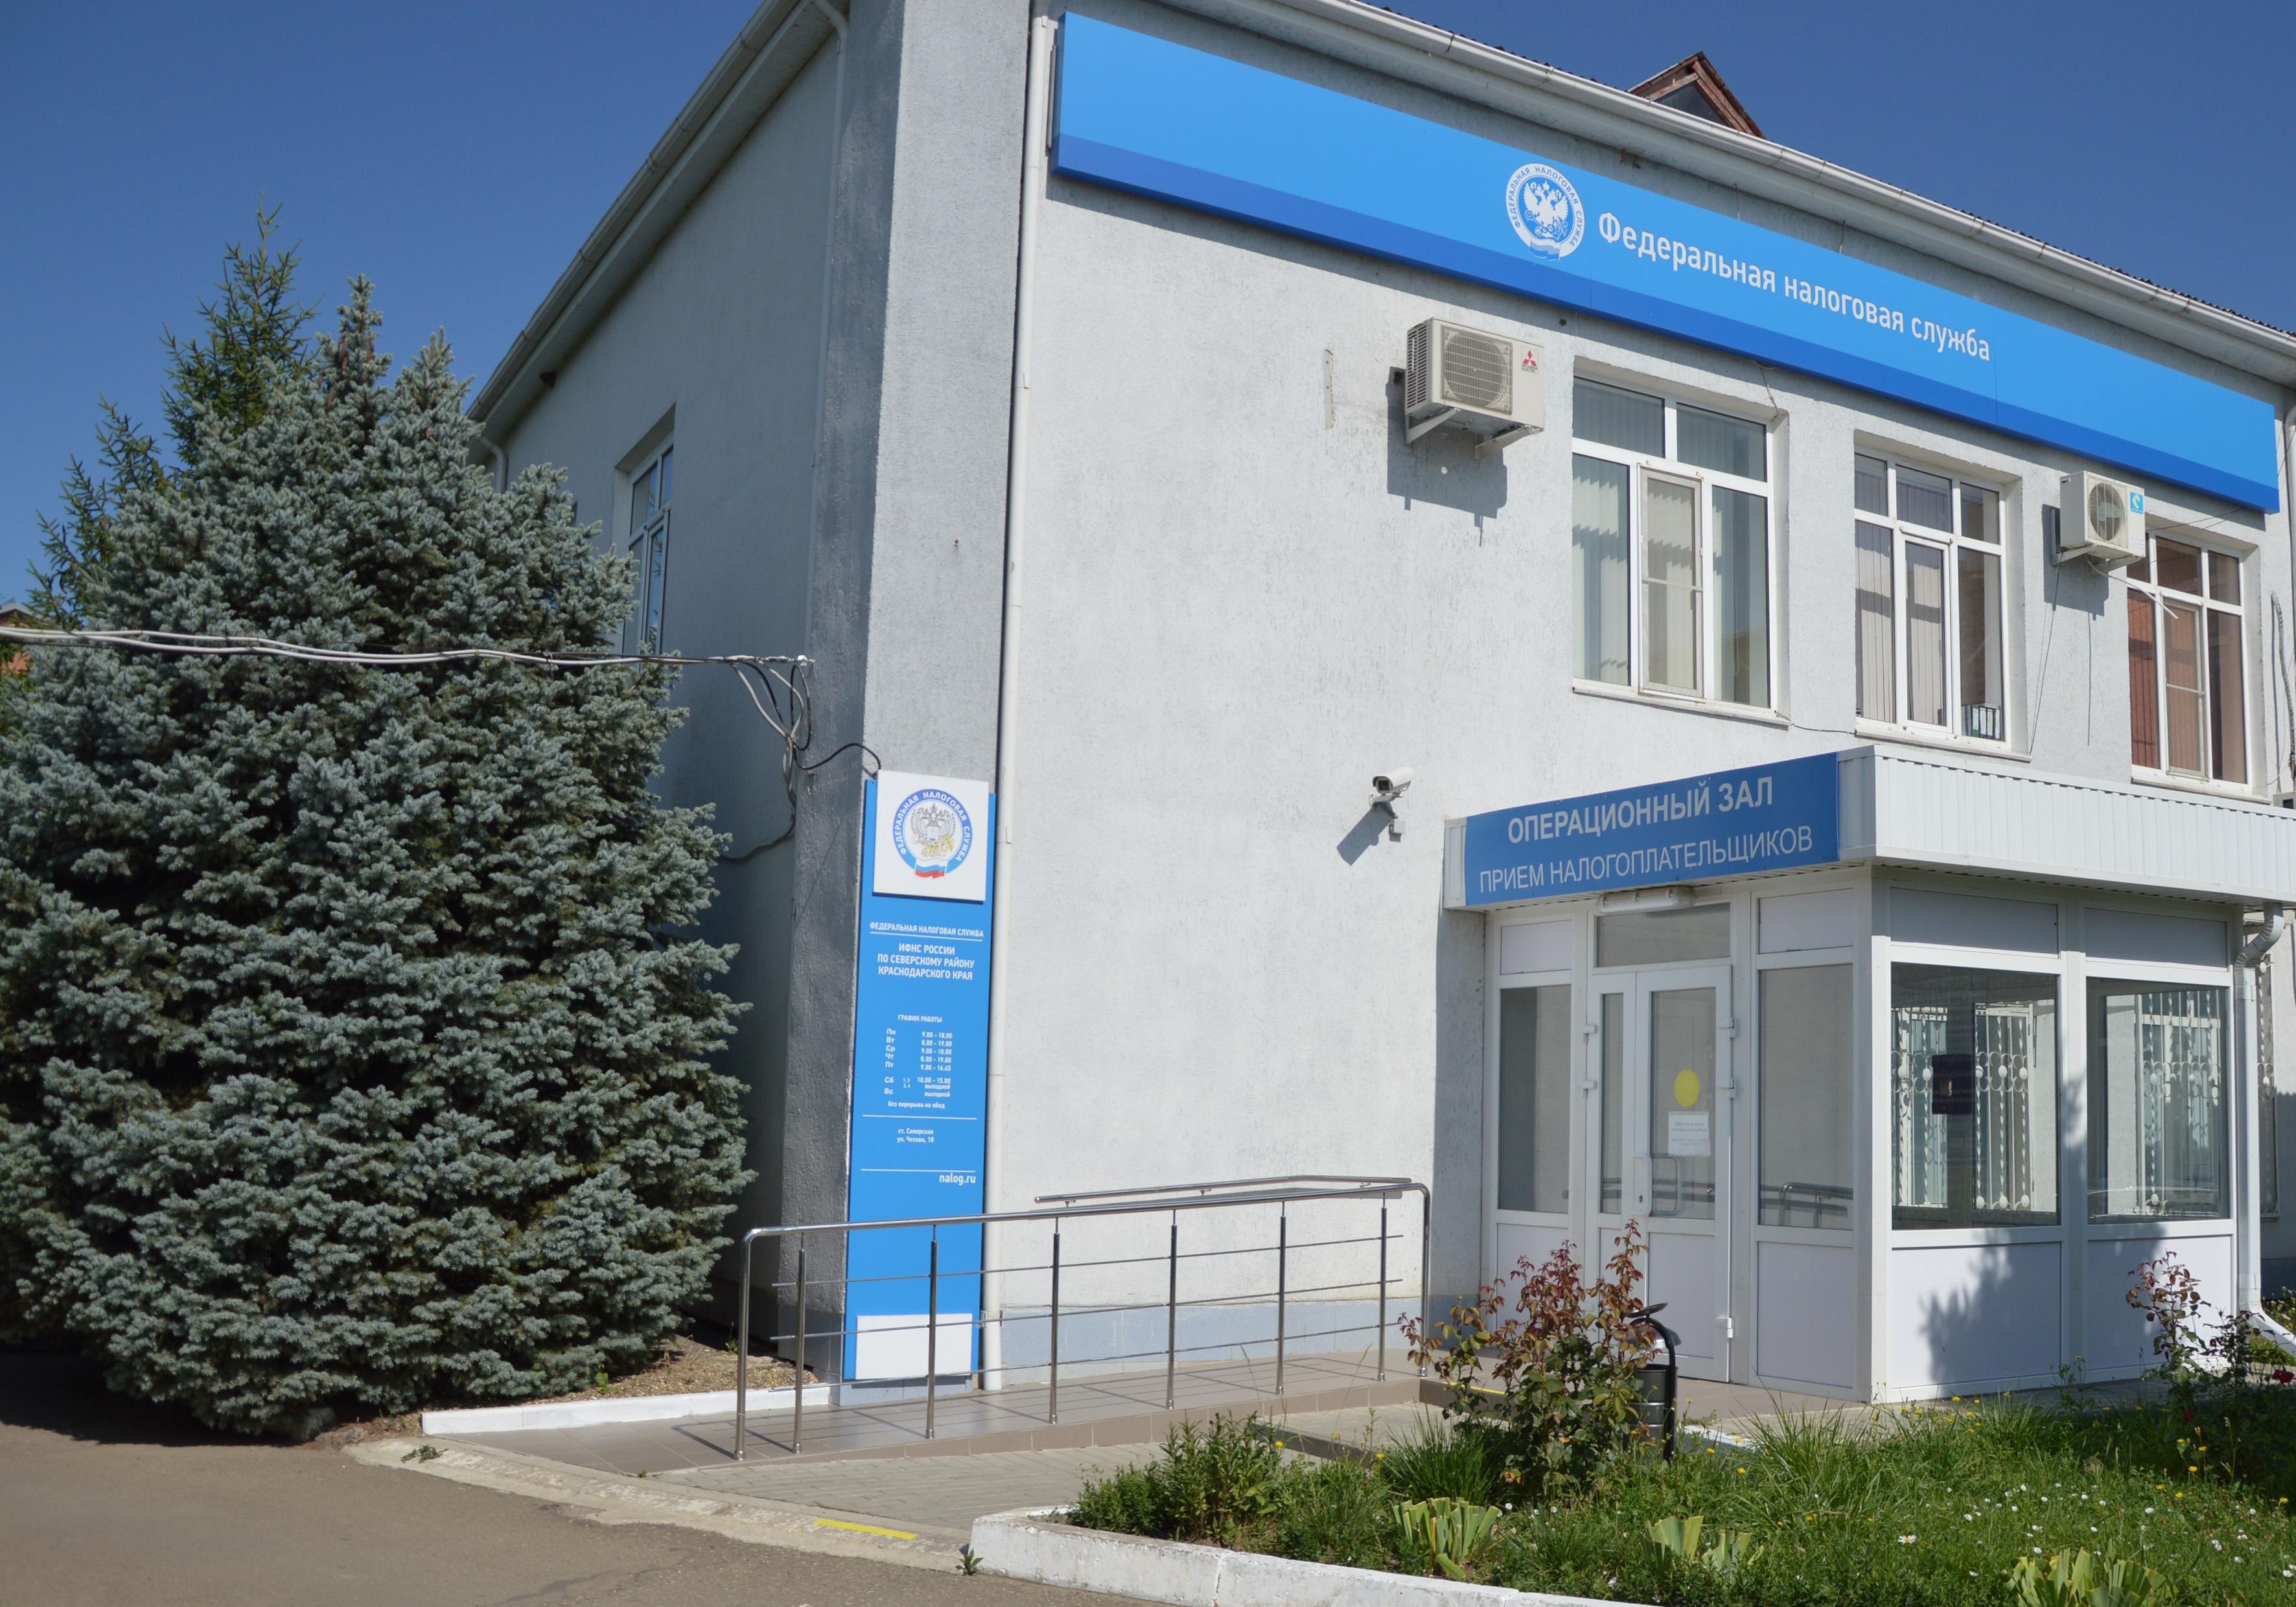 Инспекция ФНС России по Северскому району по Краснодарскому краю  Способ проезда